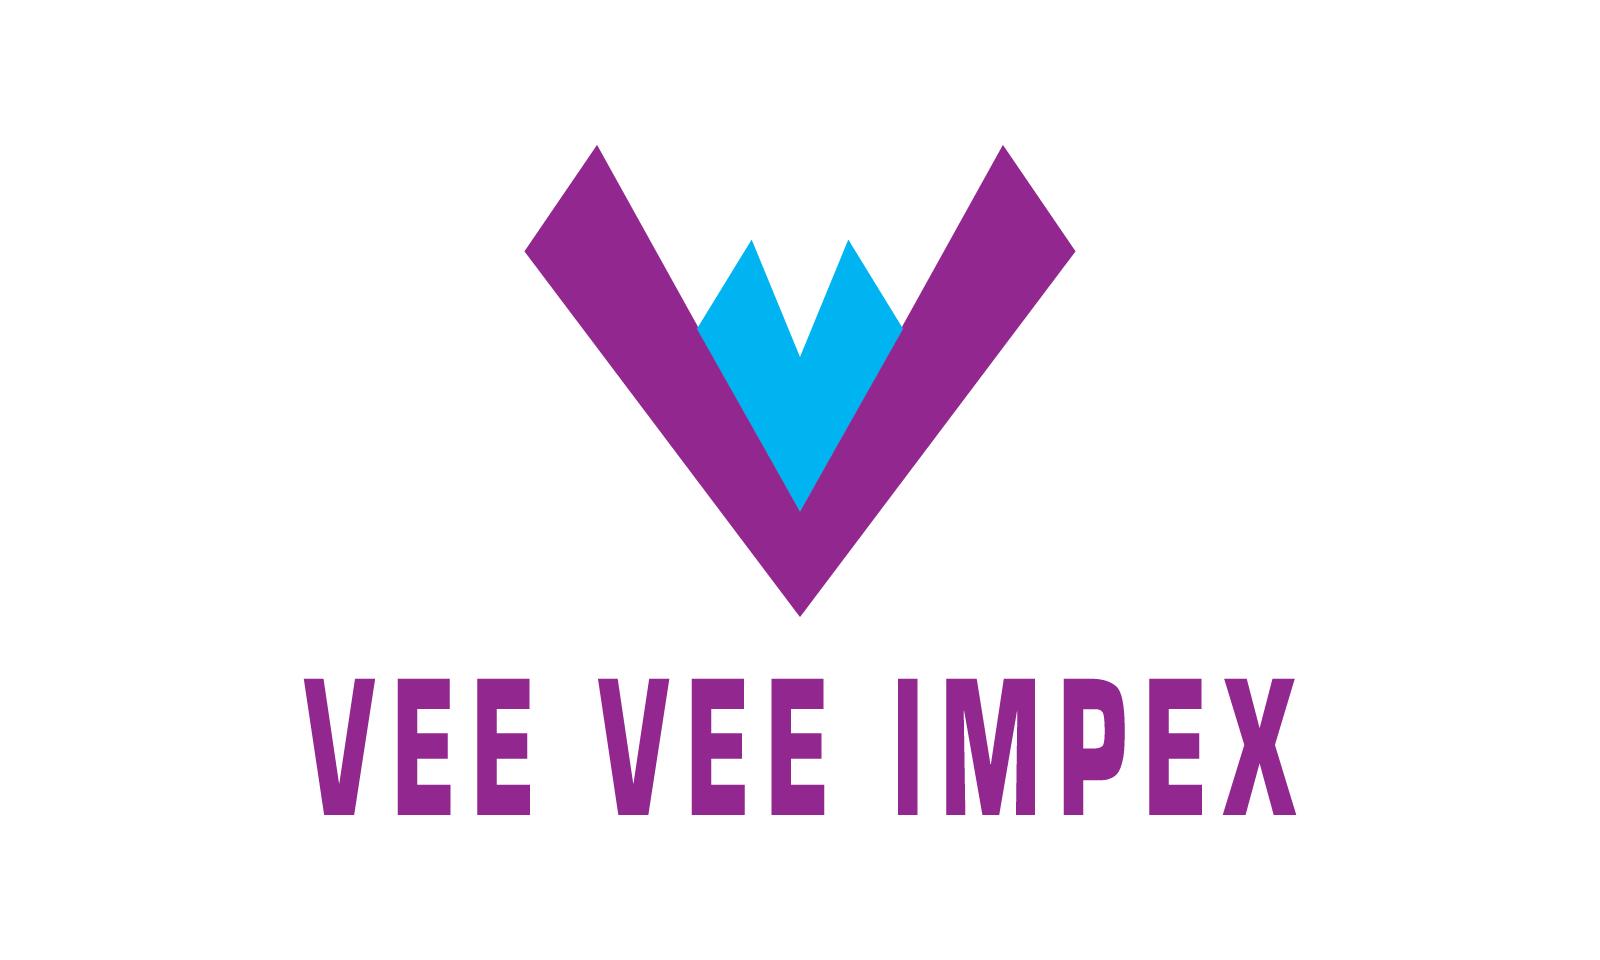 Vee Vee Impex - logo